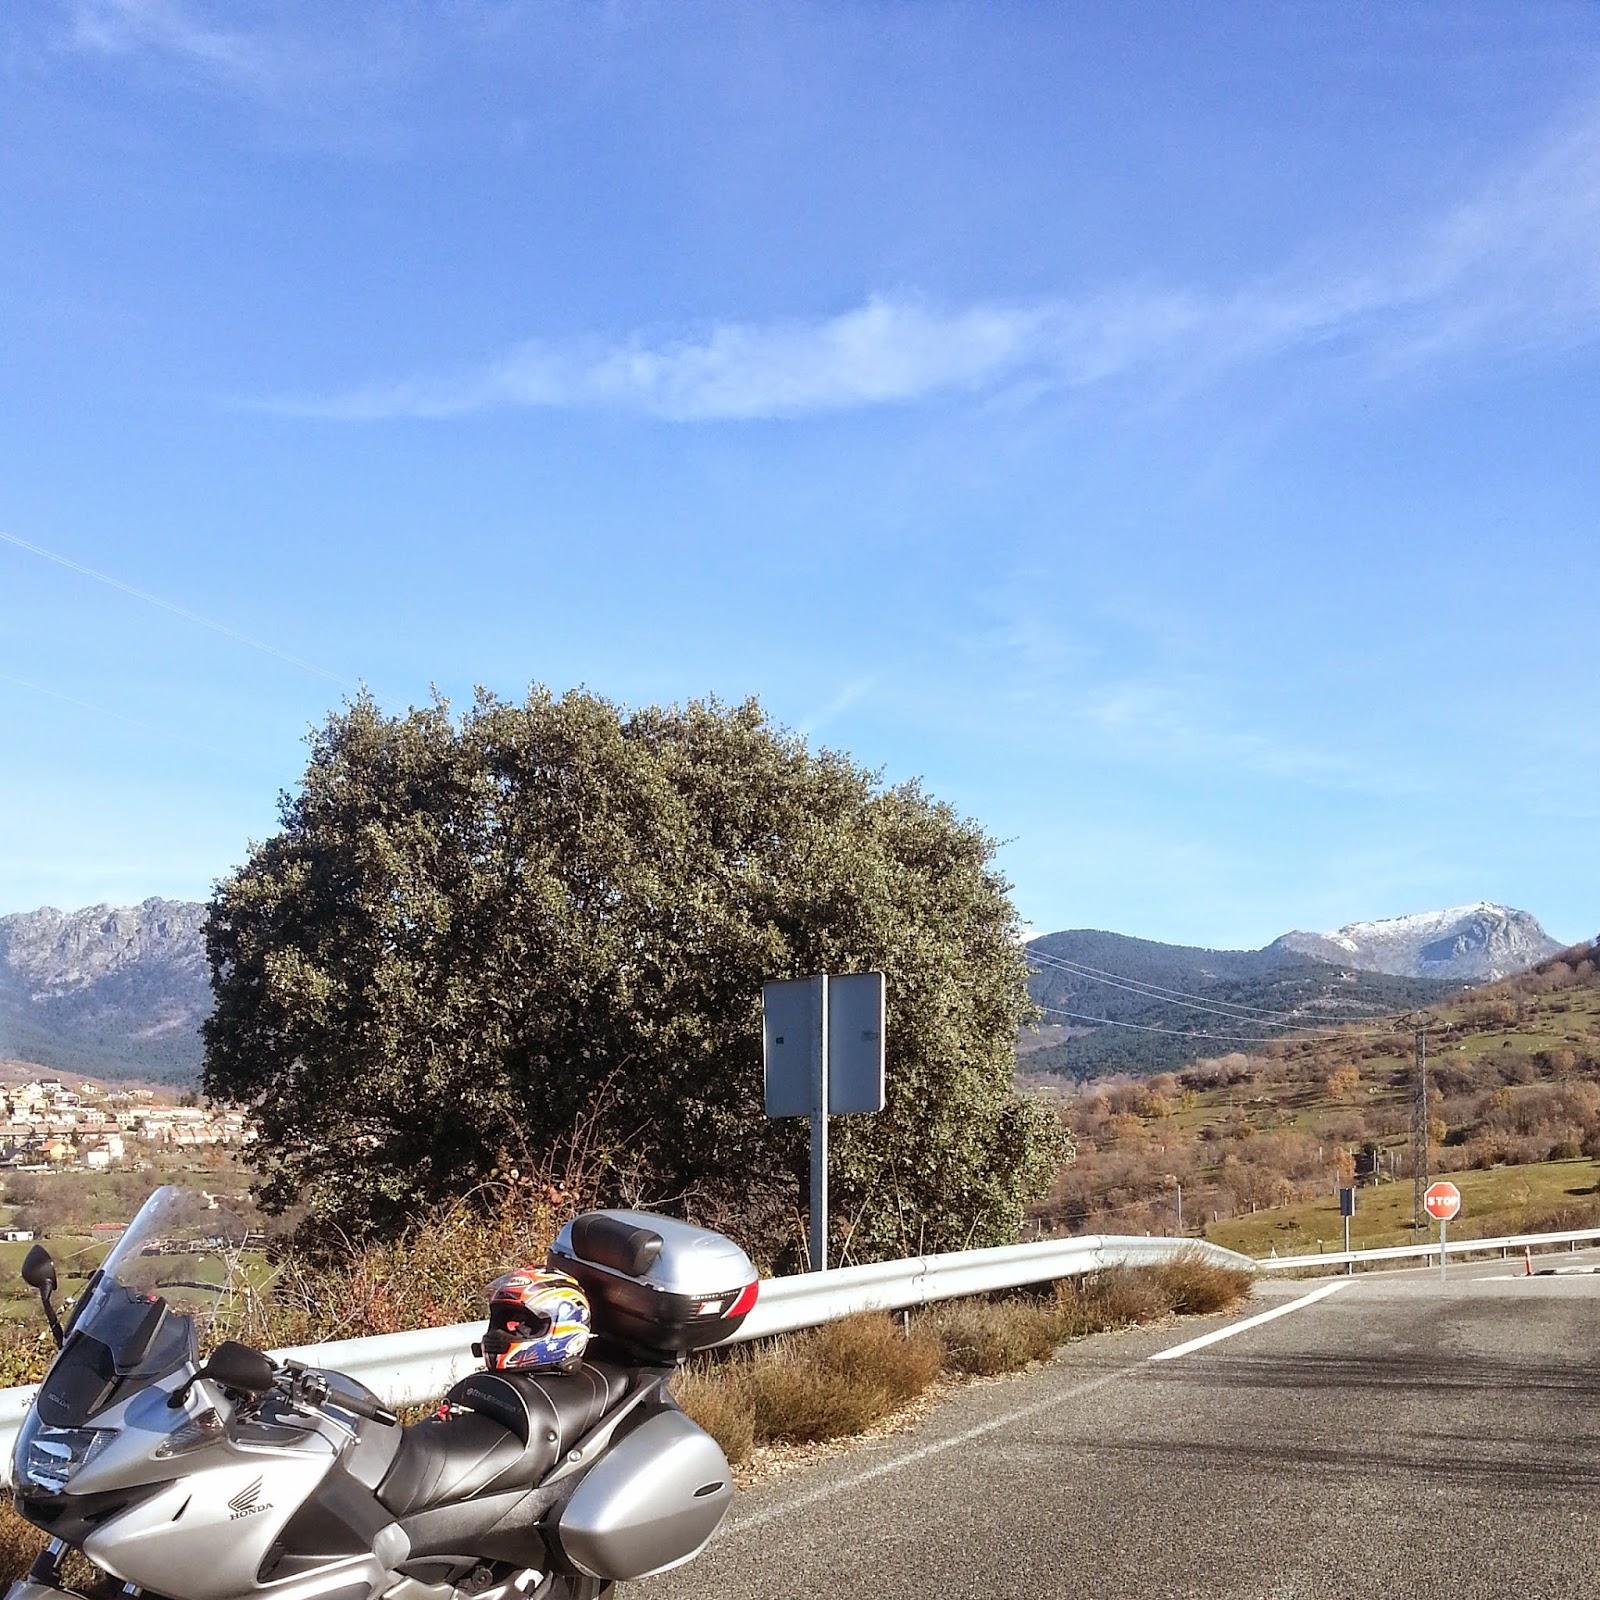 RUTA EN MOTO 313 Km POR SEPULVEDA